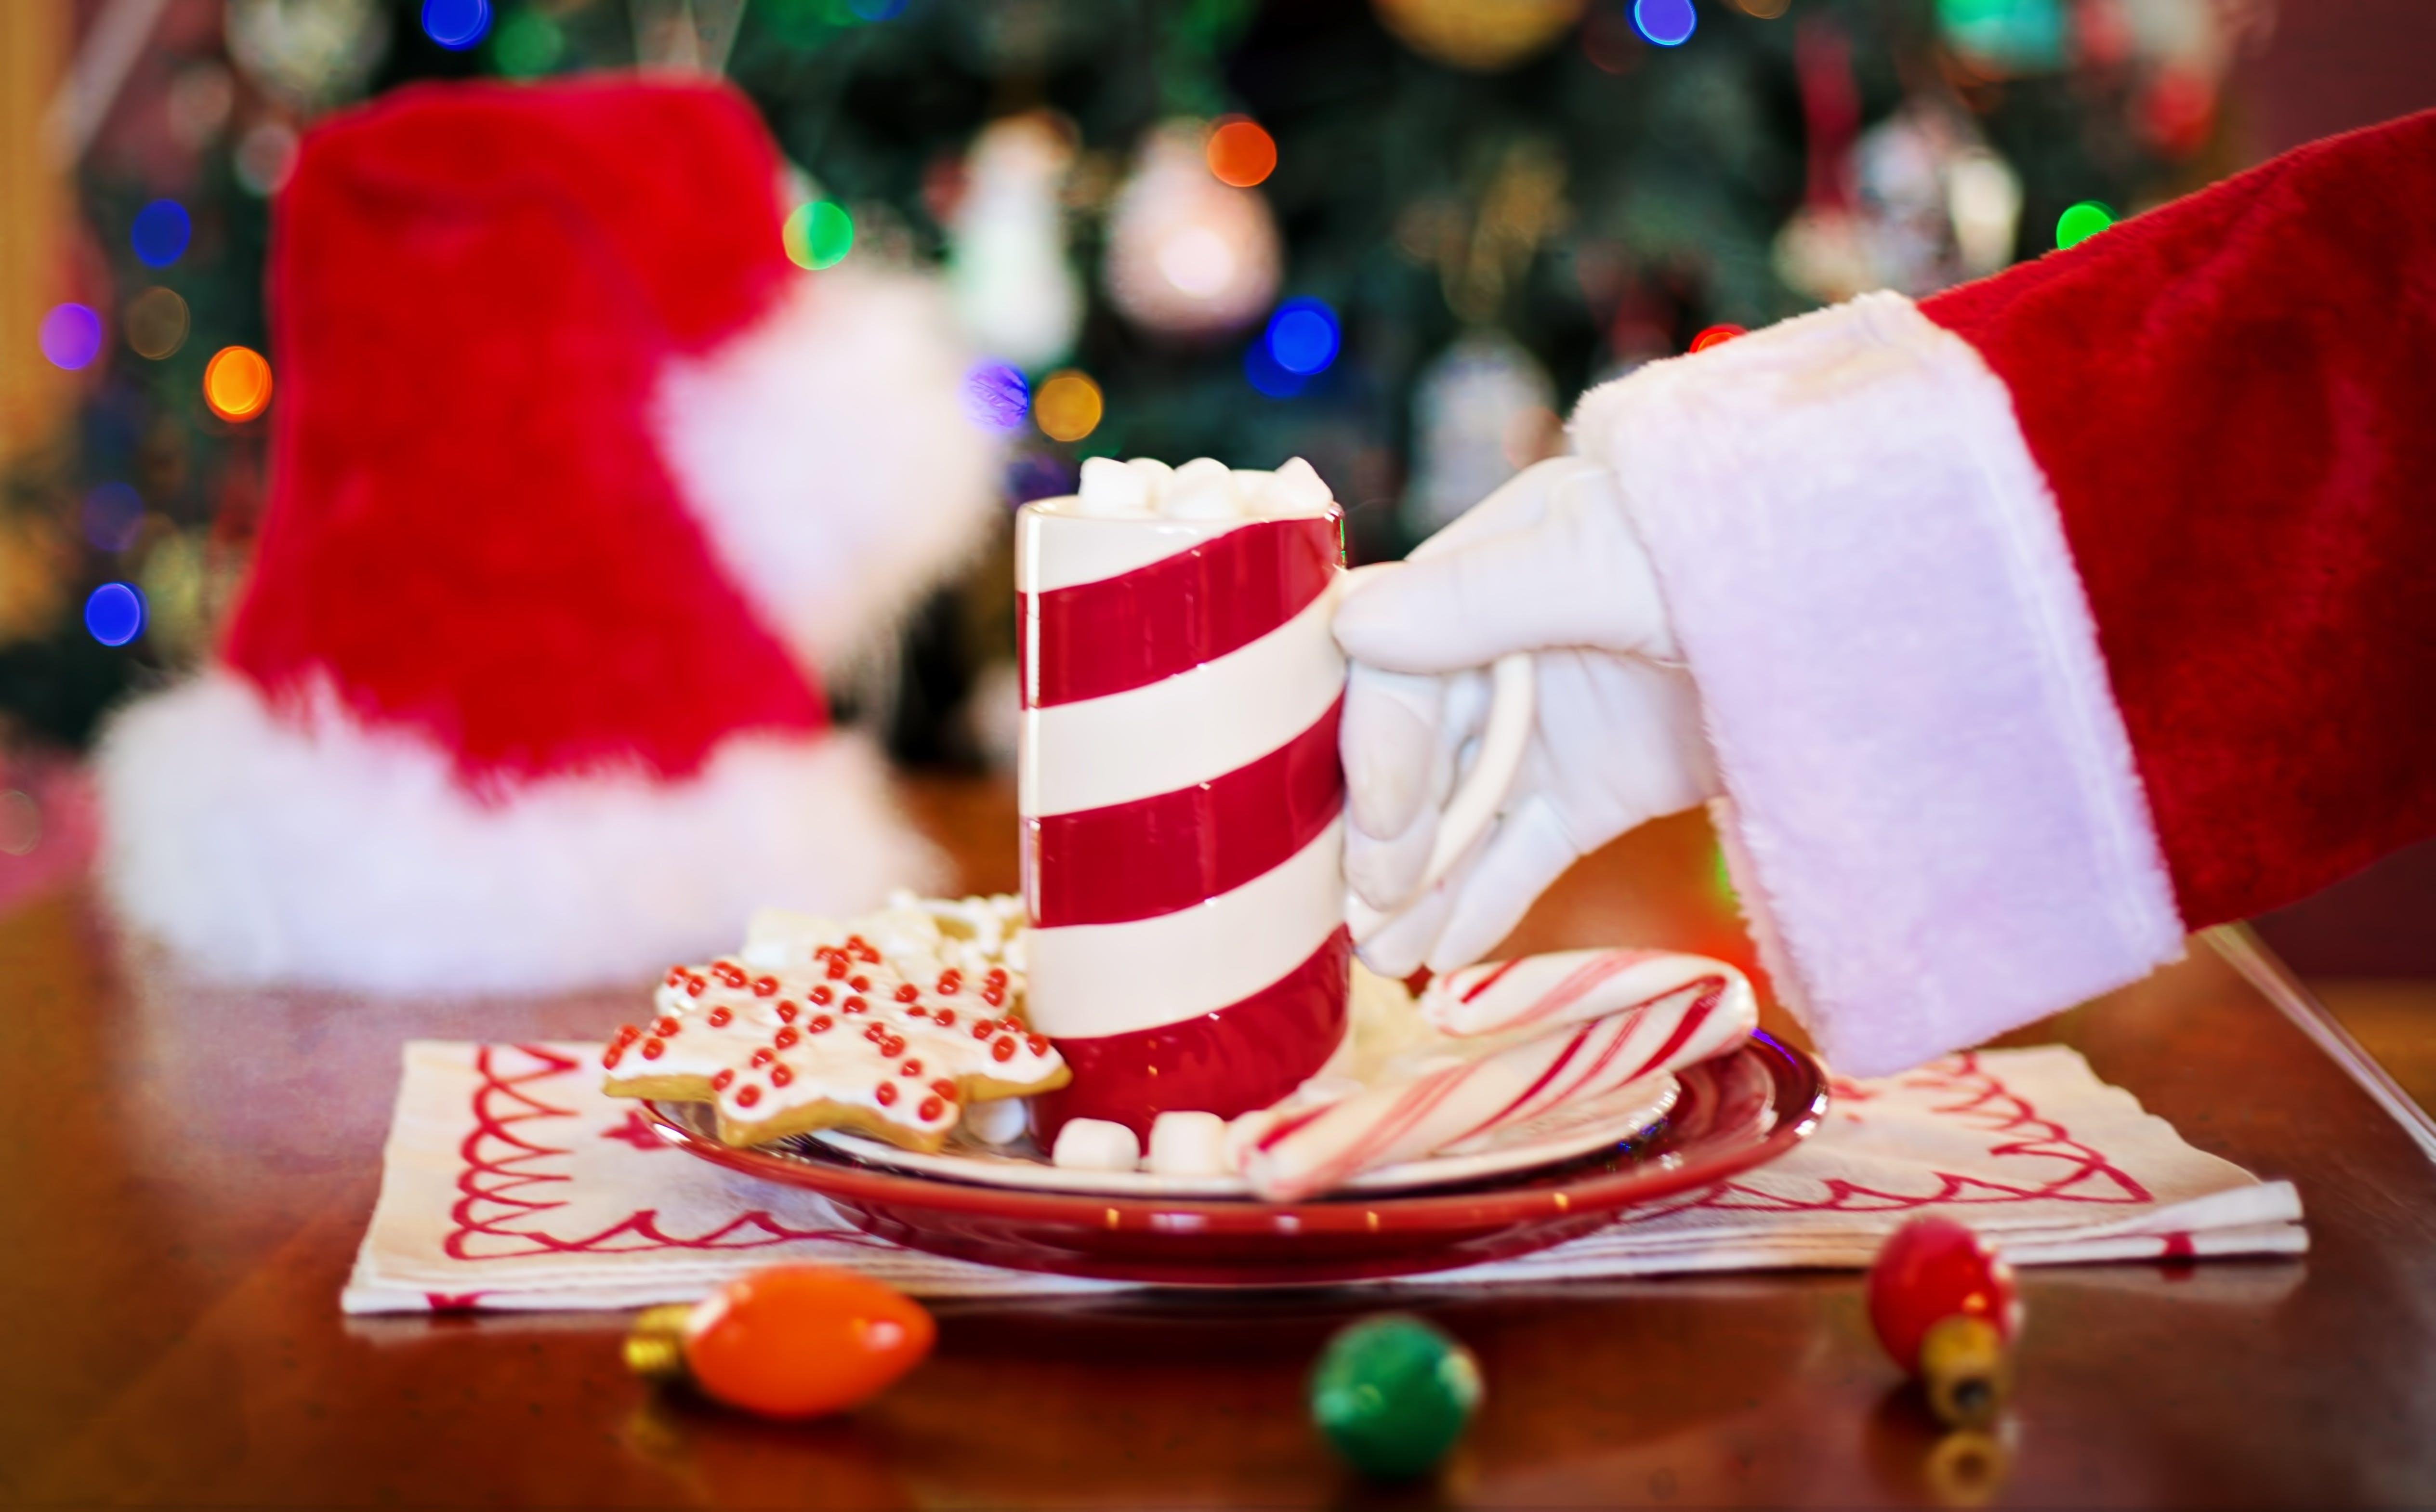 คลังภาพถ่ายฟรี ของ ขนม, คริสต์มาส, คุกกี้คริสต์มาส, งานเฉลิมฉลอง